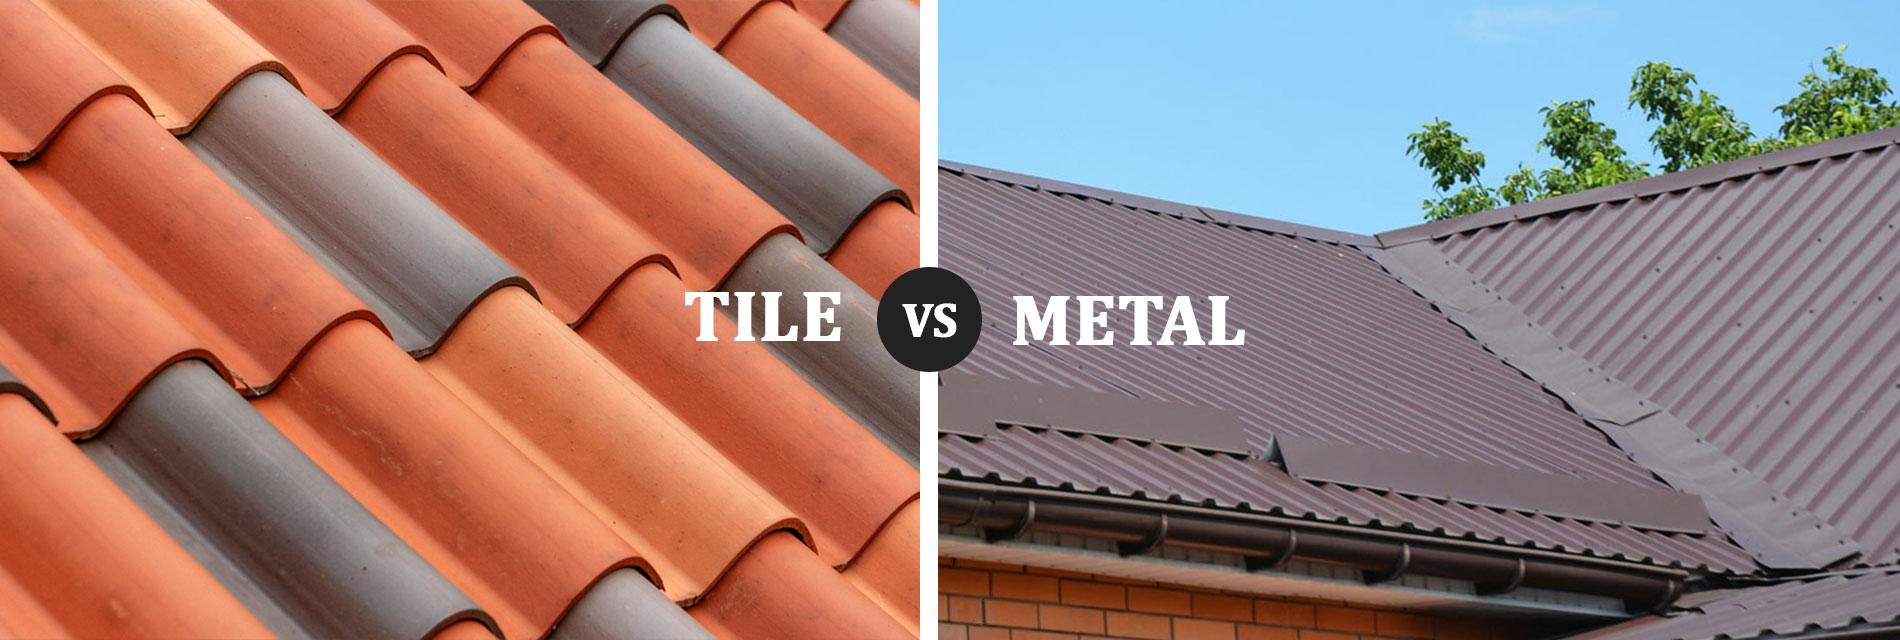 Tile vs Metal Roofing in San Antonio